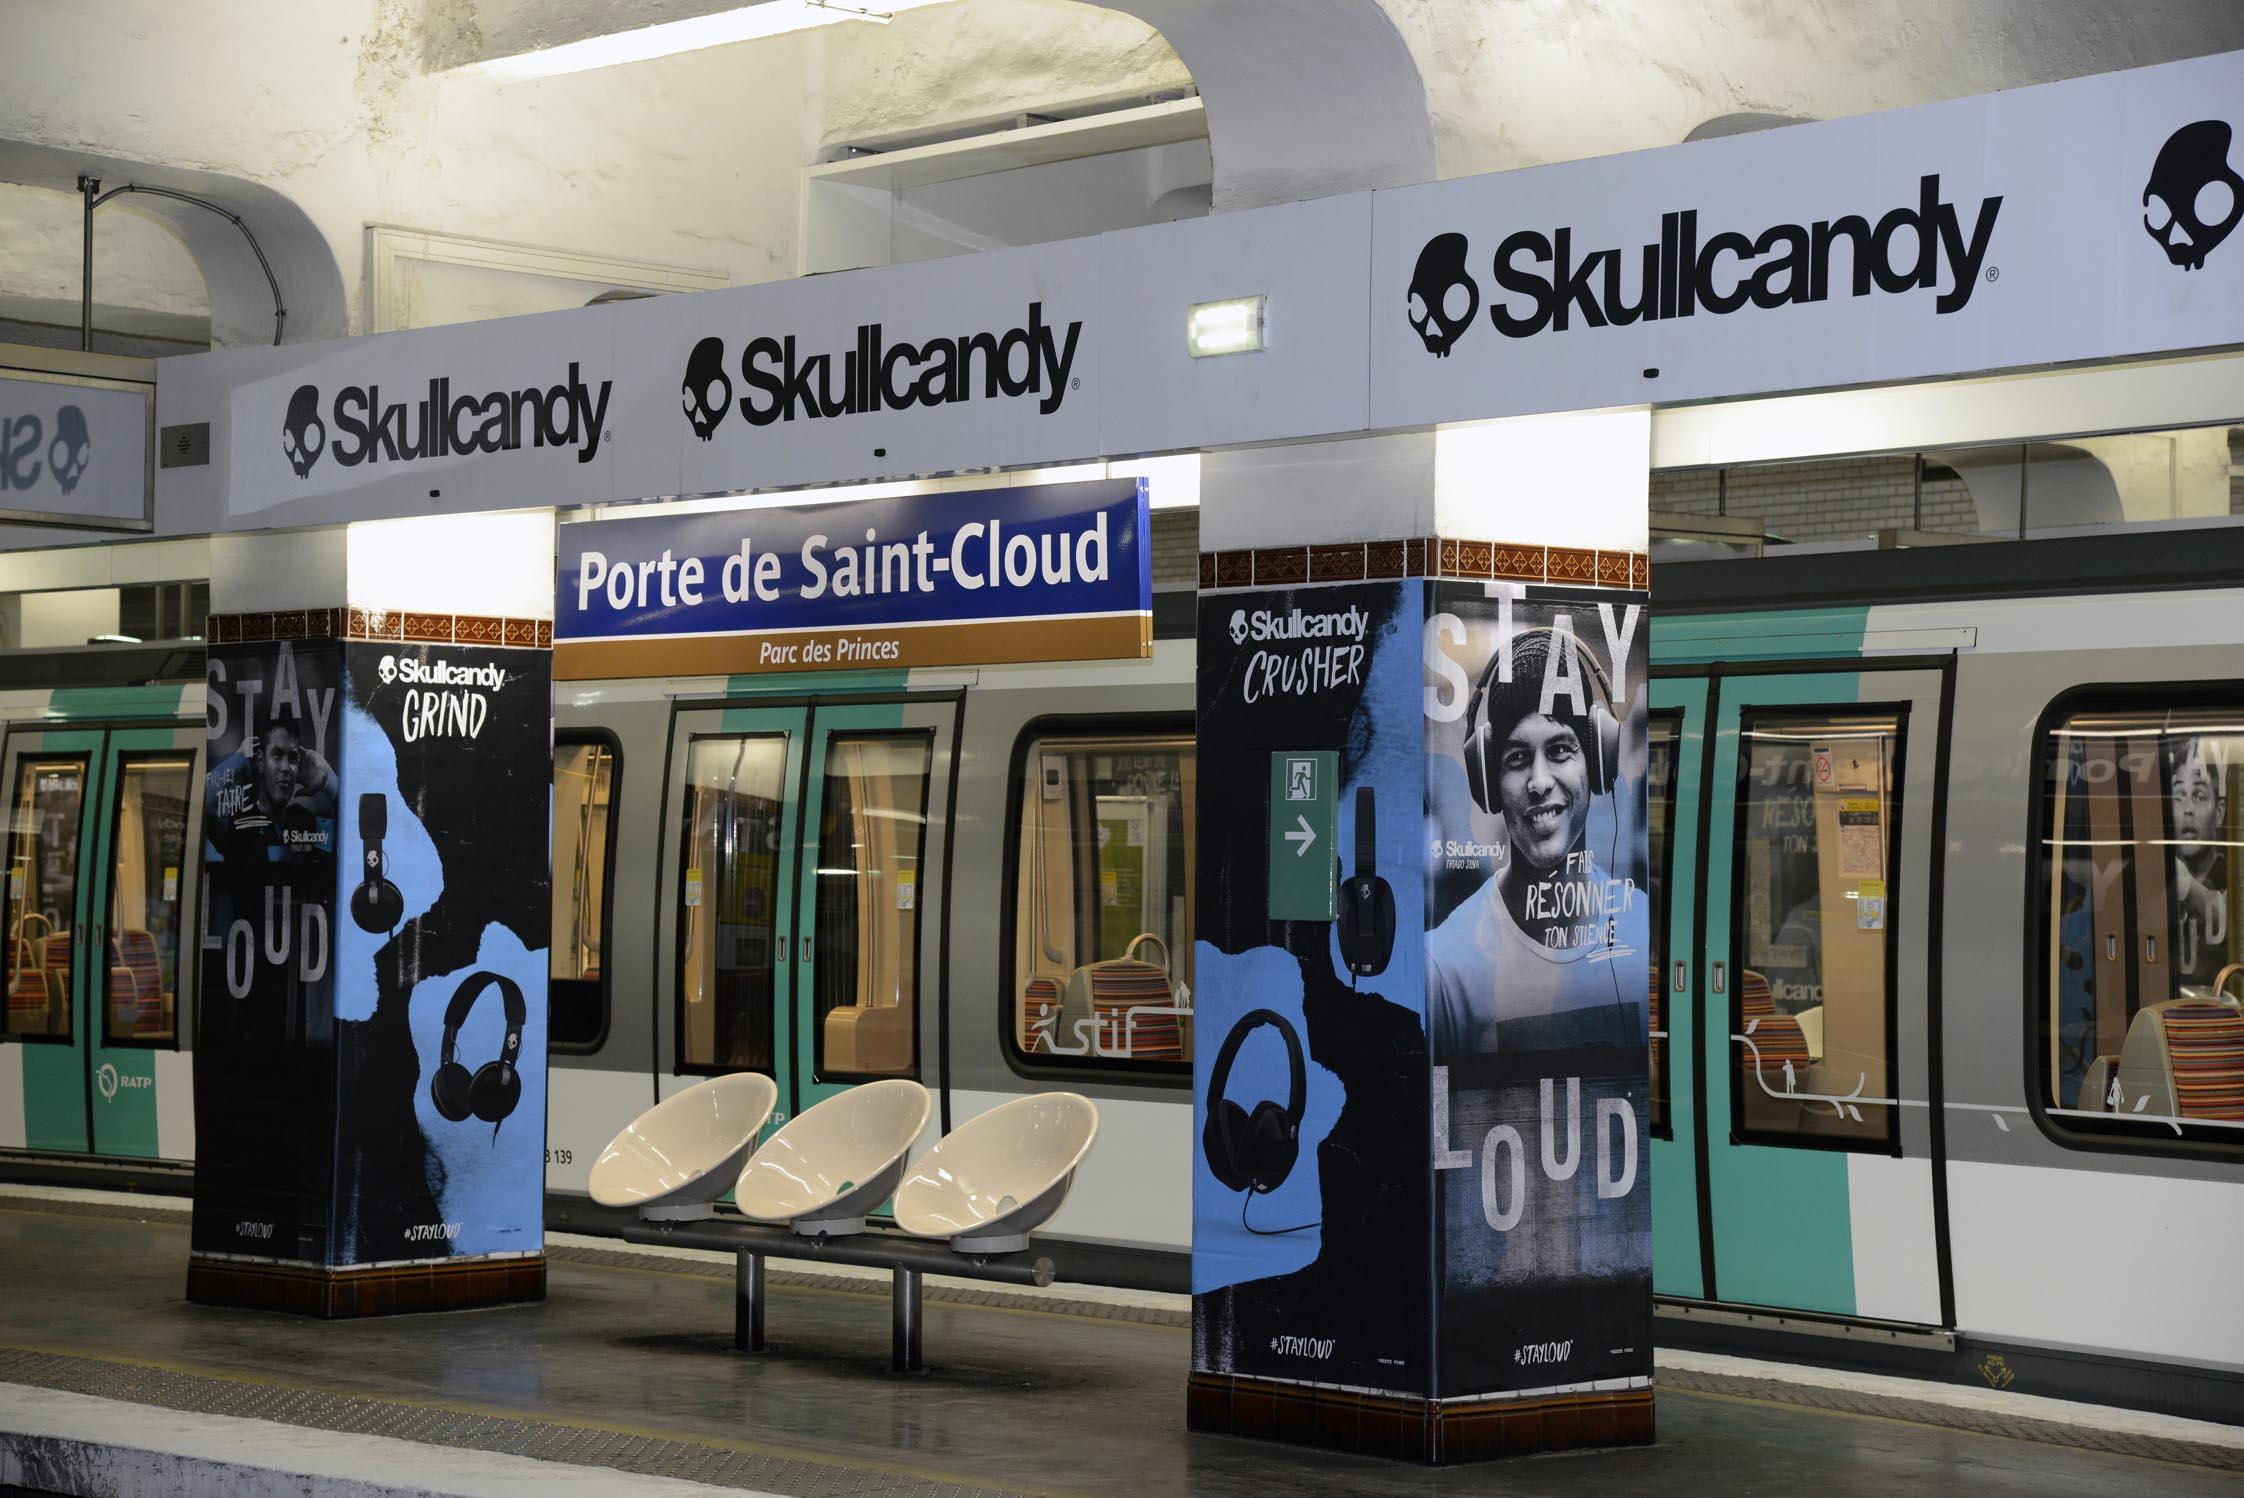 Skullcandy et thiago silva squattent la station de m tro for La poste porte de saint cloud